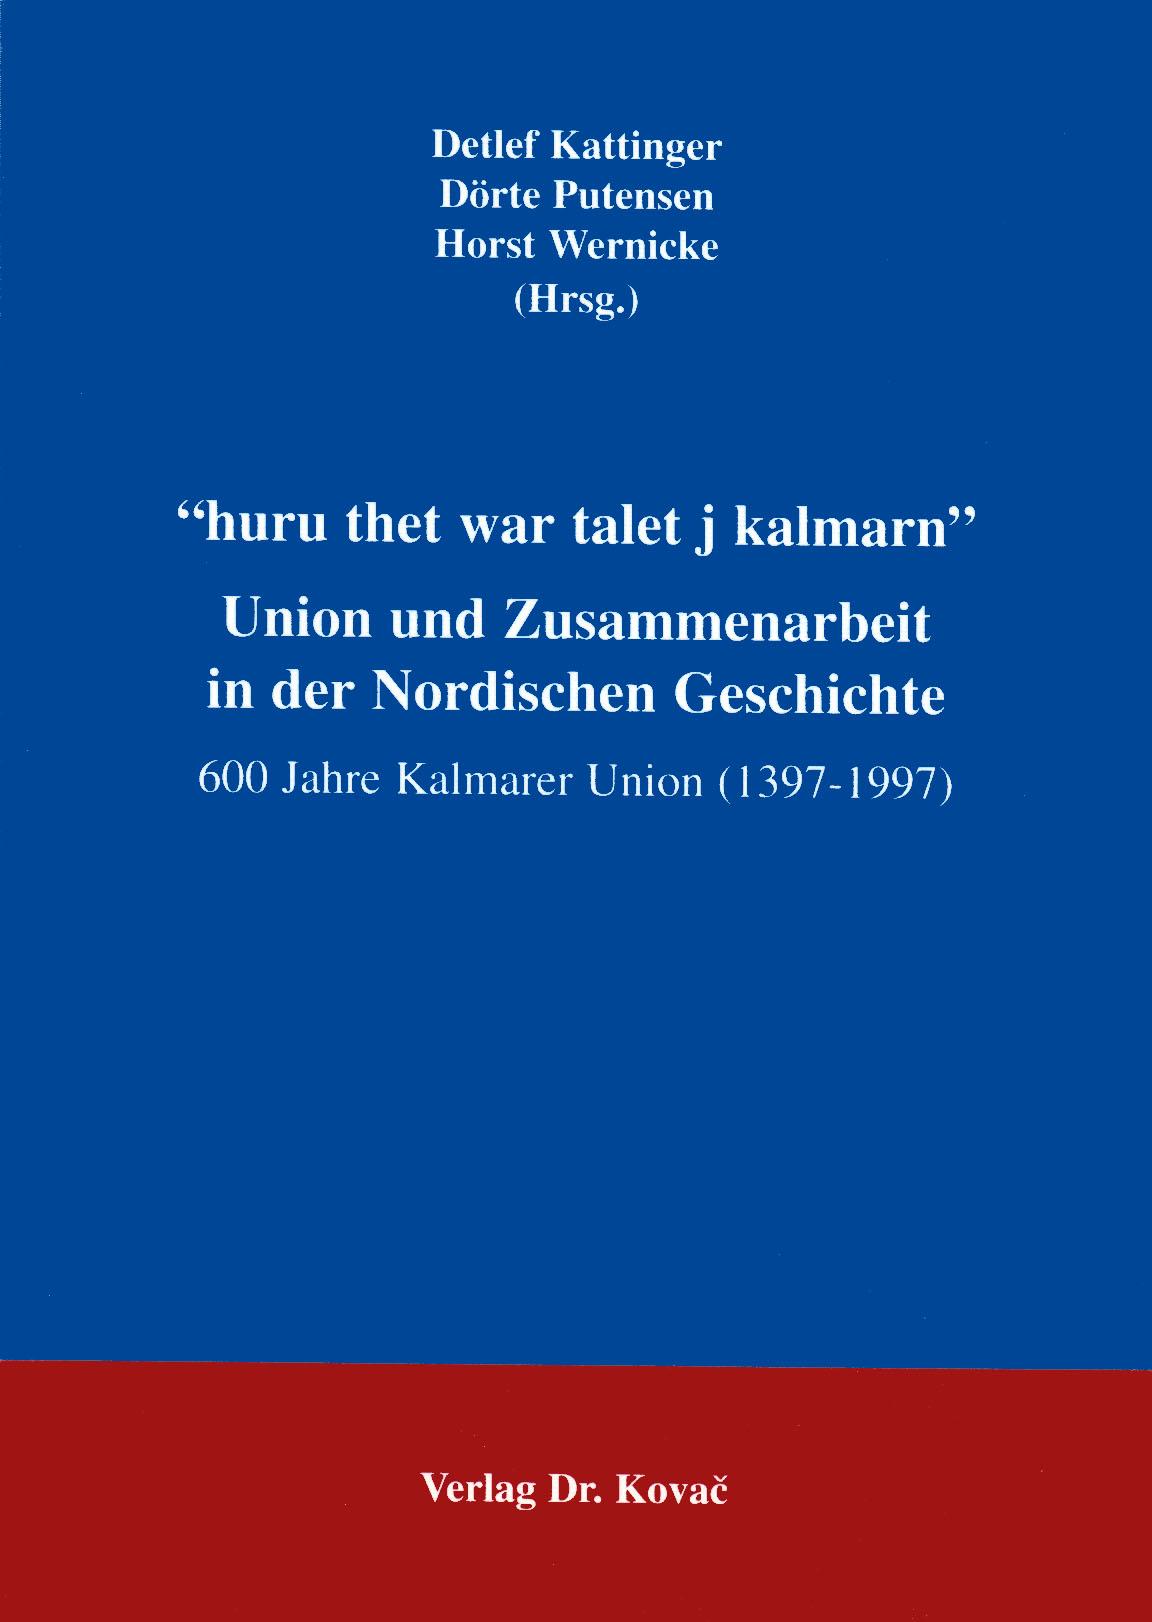 Cover: Huru thet war talet j kalmarn - Union und Zusammenarbeit in der Nordischen Geschichte